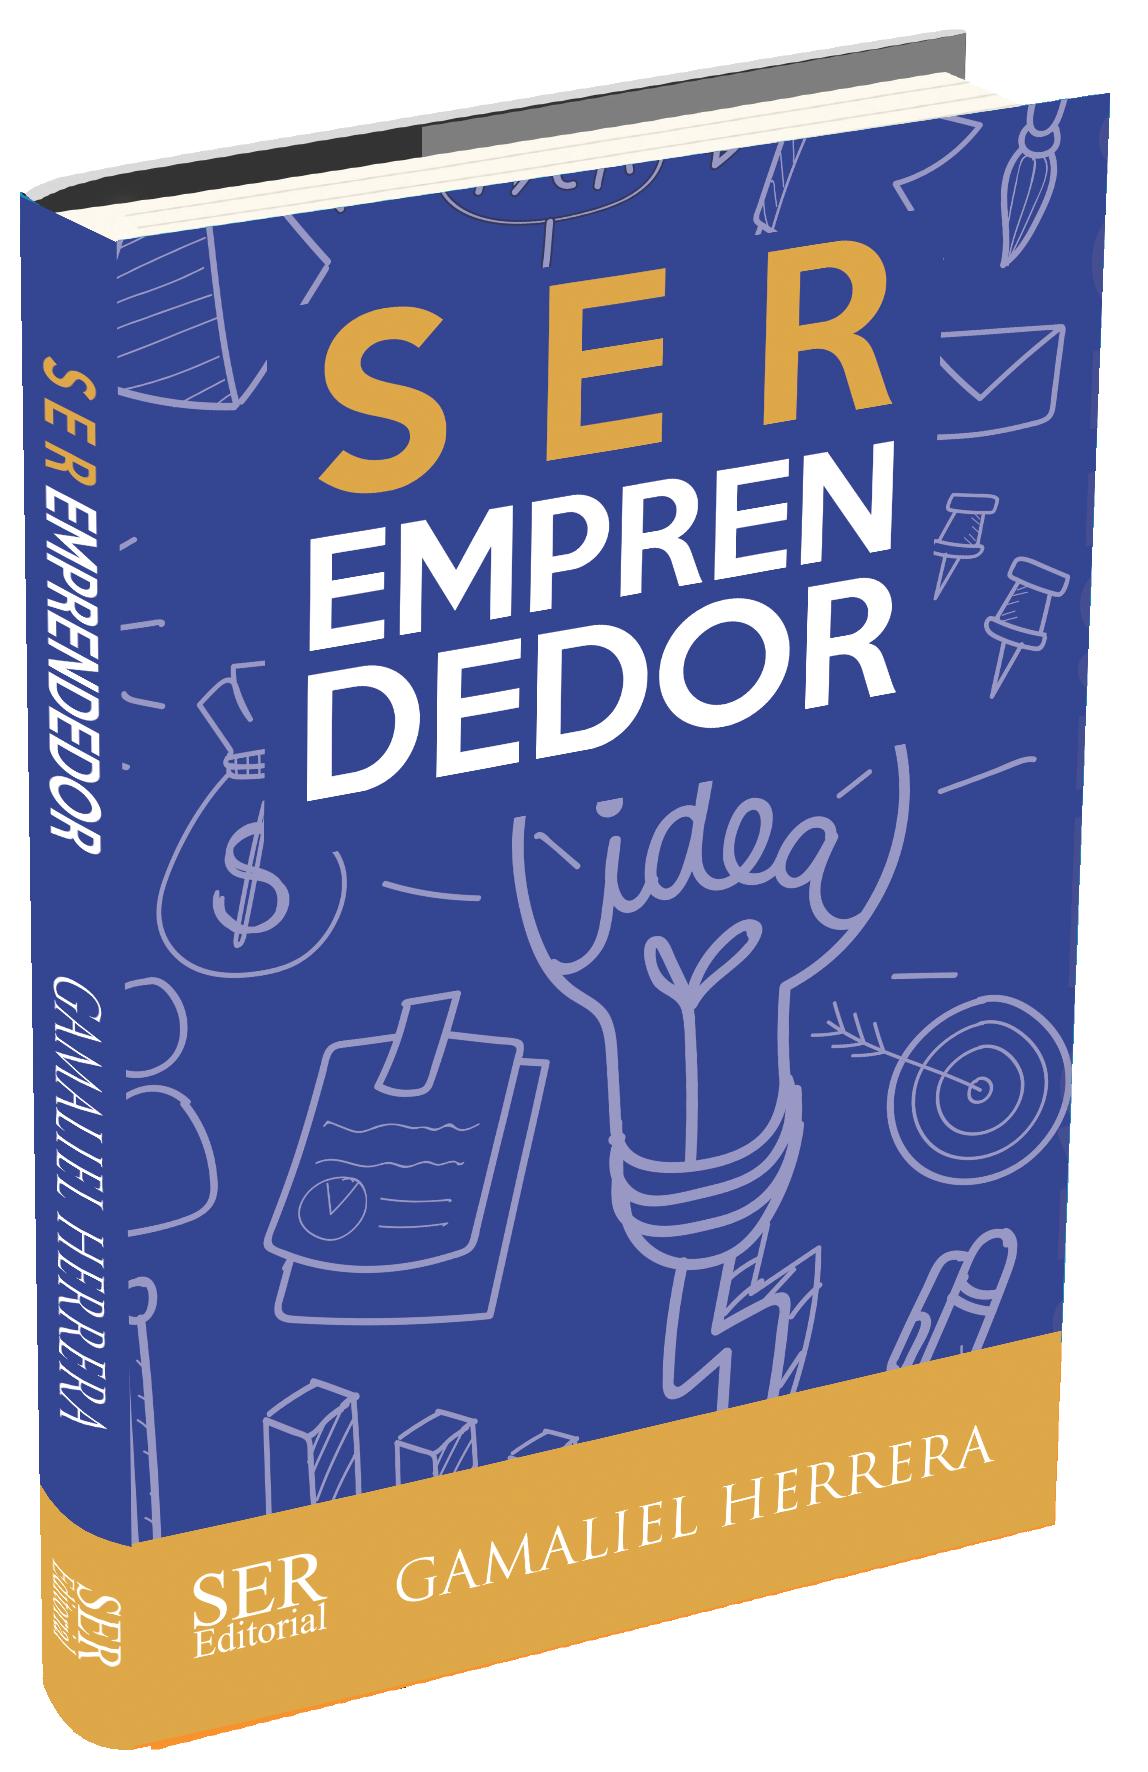 Ser Emprendedor